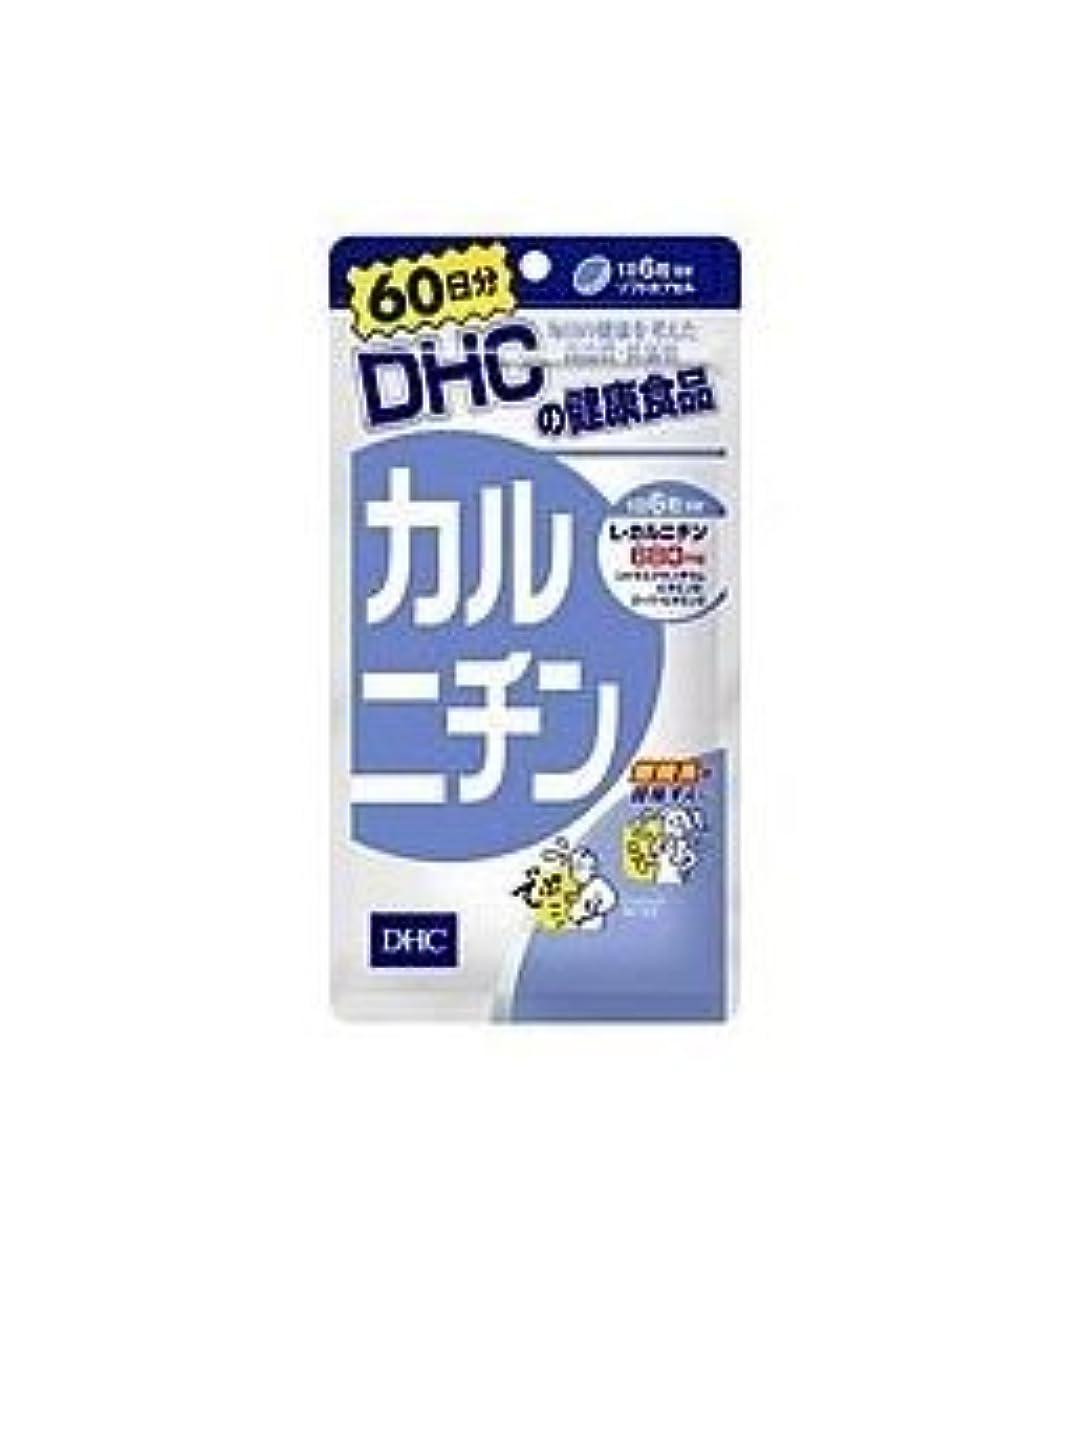 闘争引き渡すふさわしい【DHC】DHCの健康食品 カルニチン 60日分 300粒